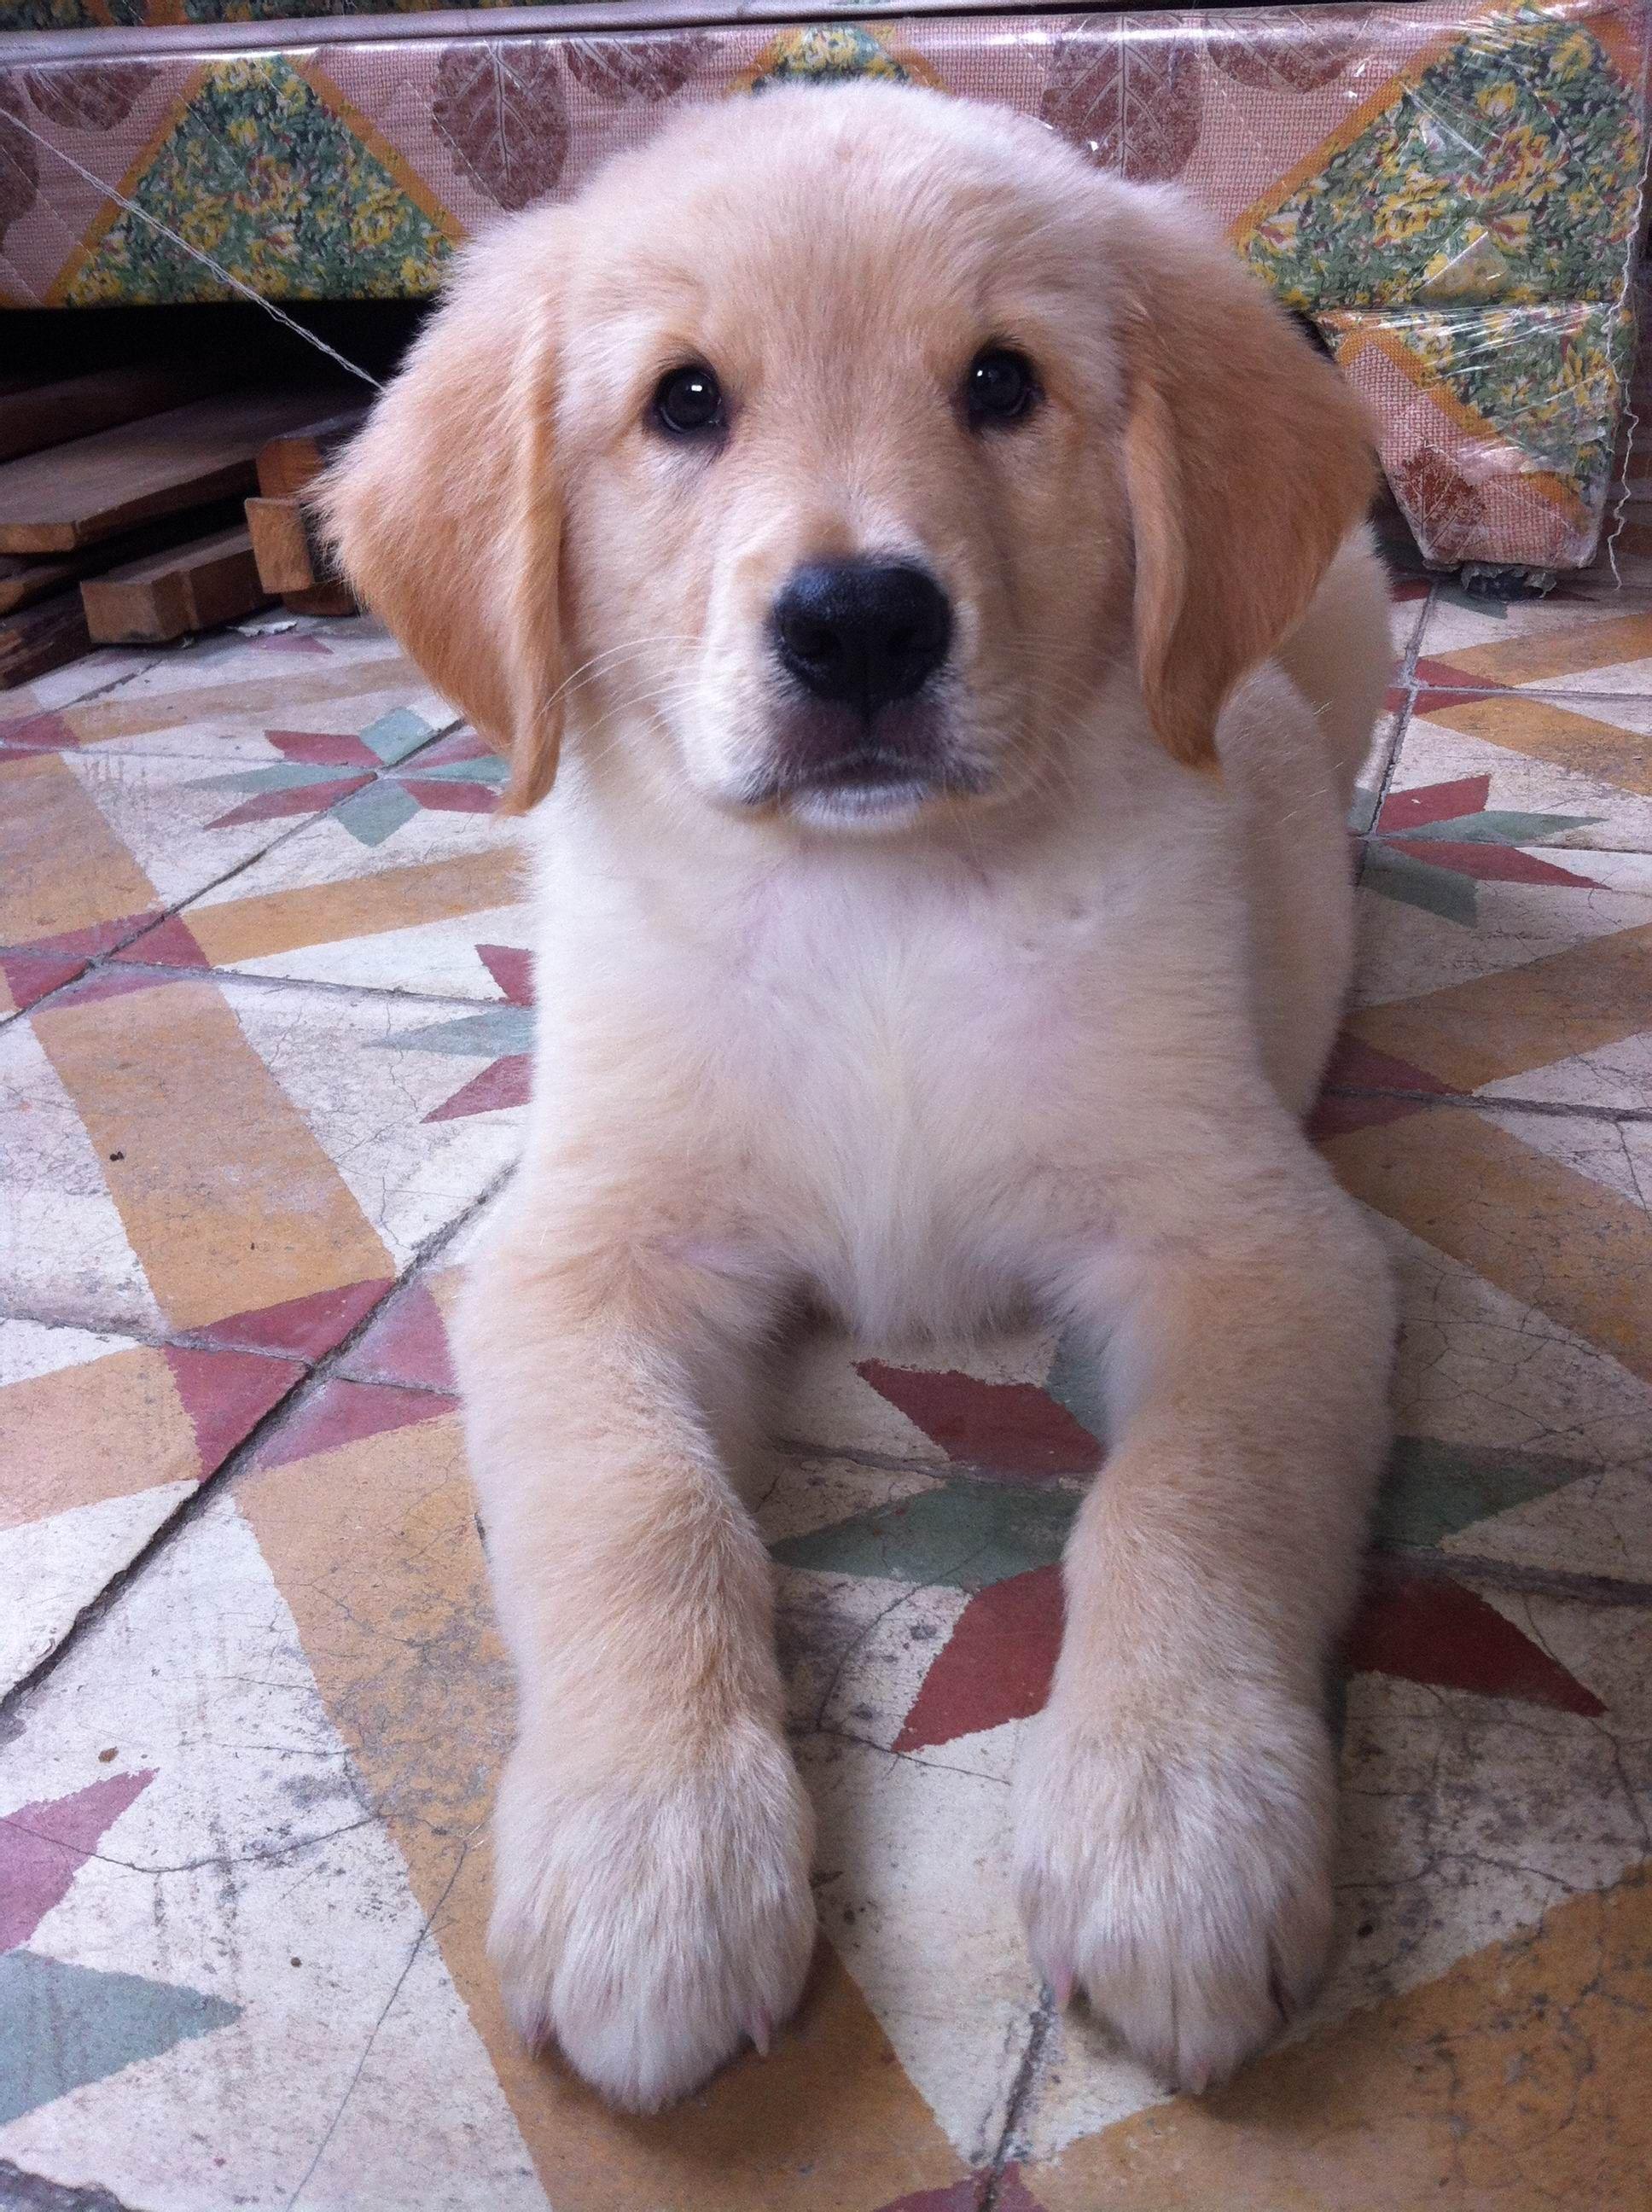 5个月金毛犬图片_五个月的金毛犬40斤正常么?_百度知道